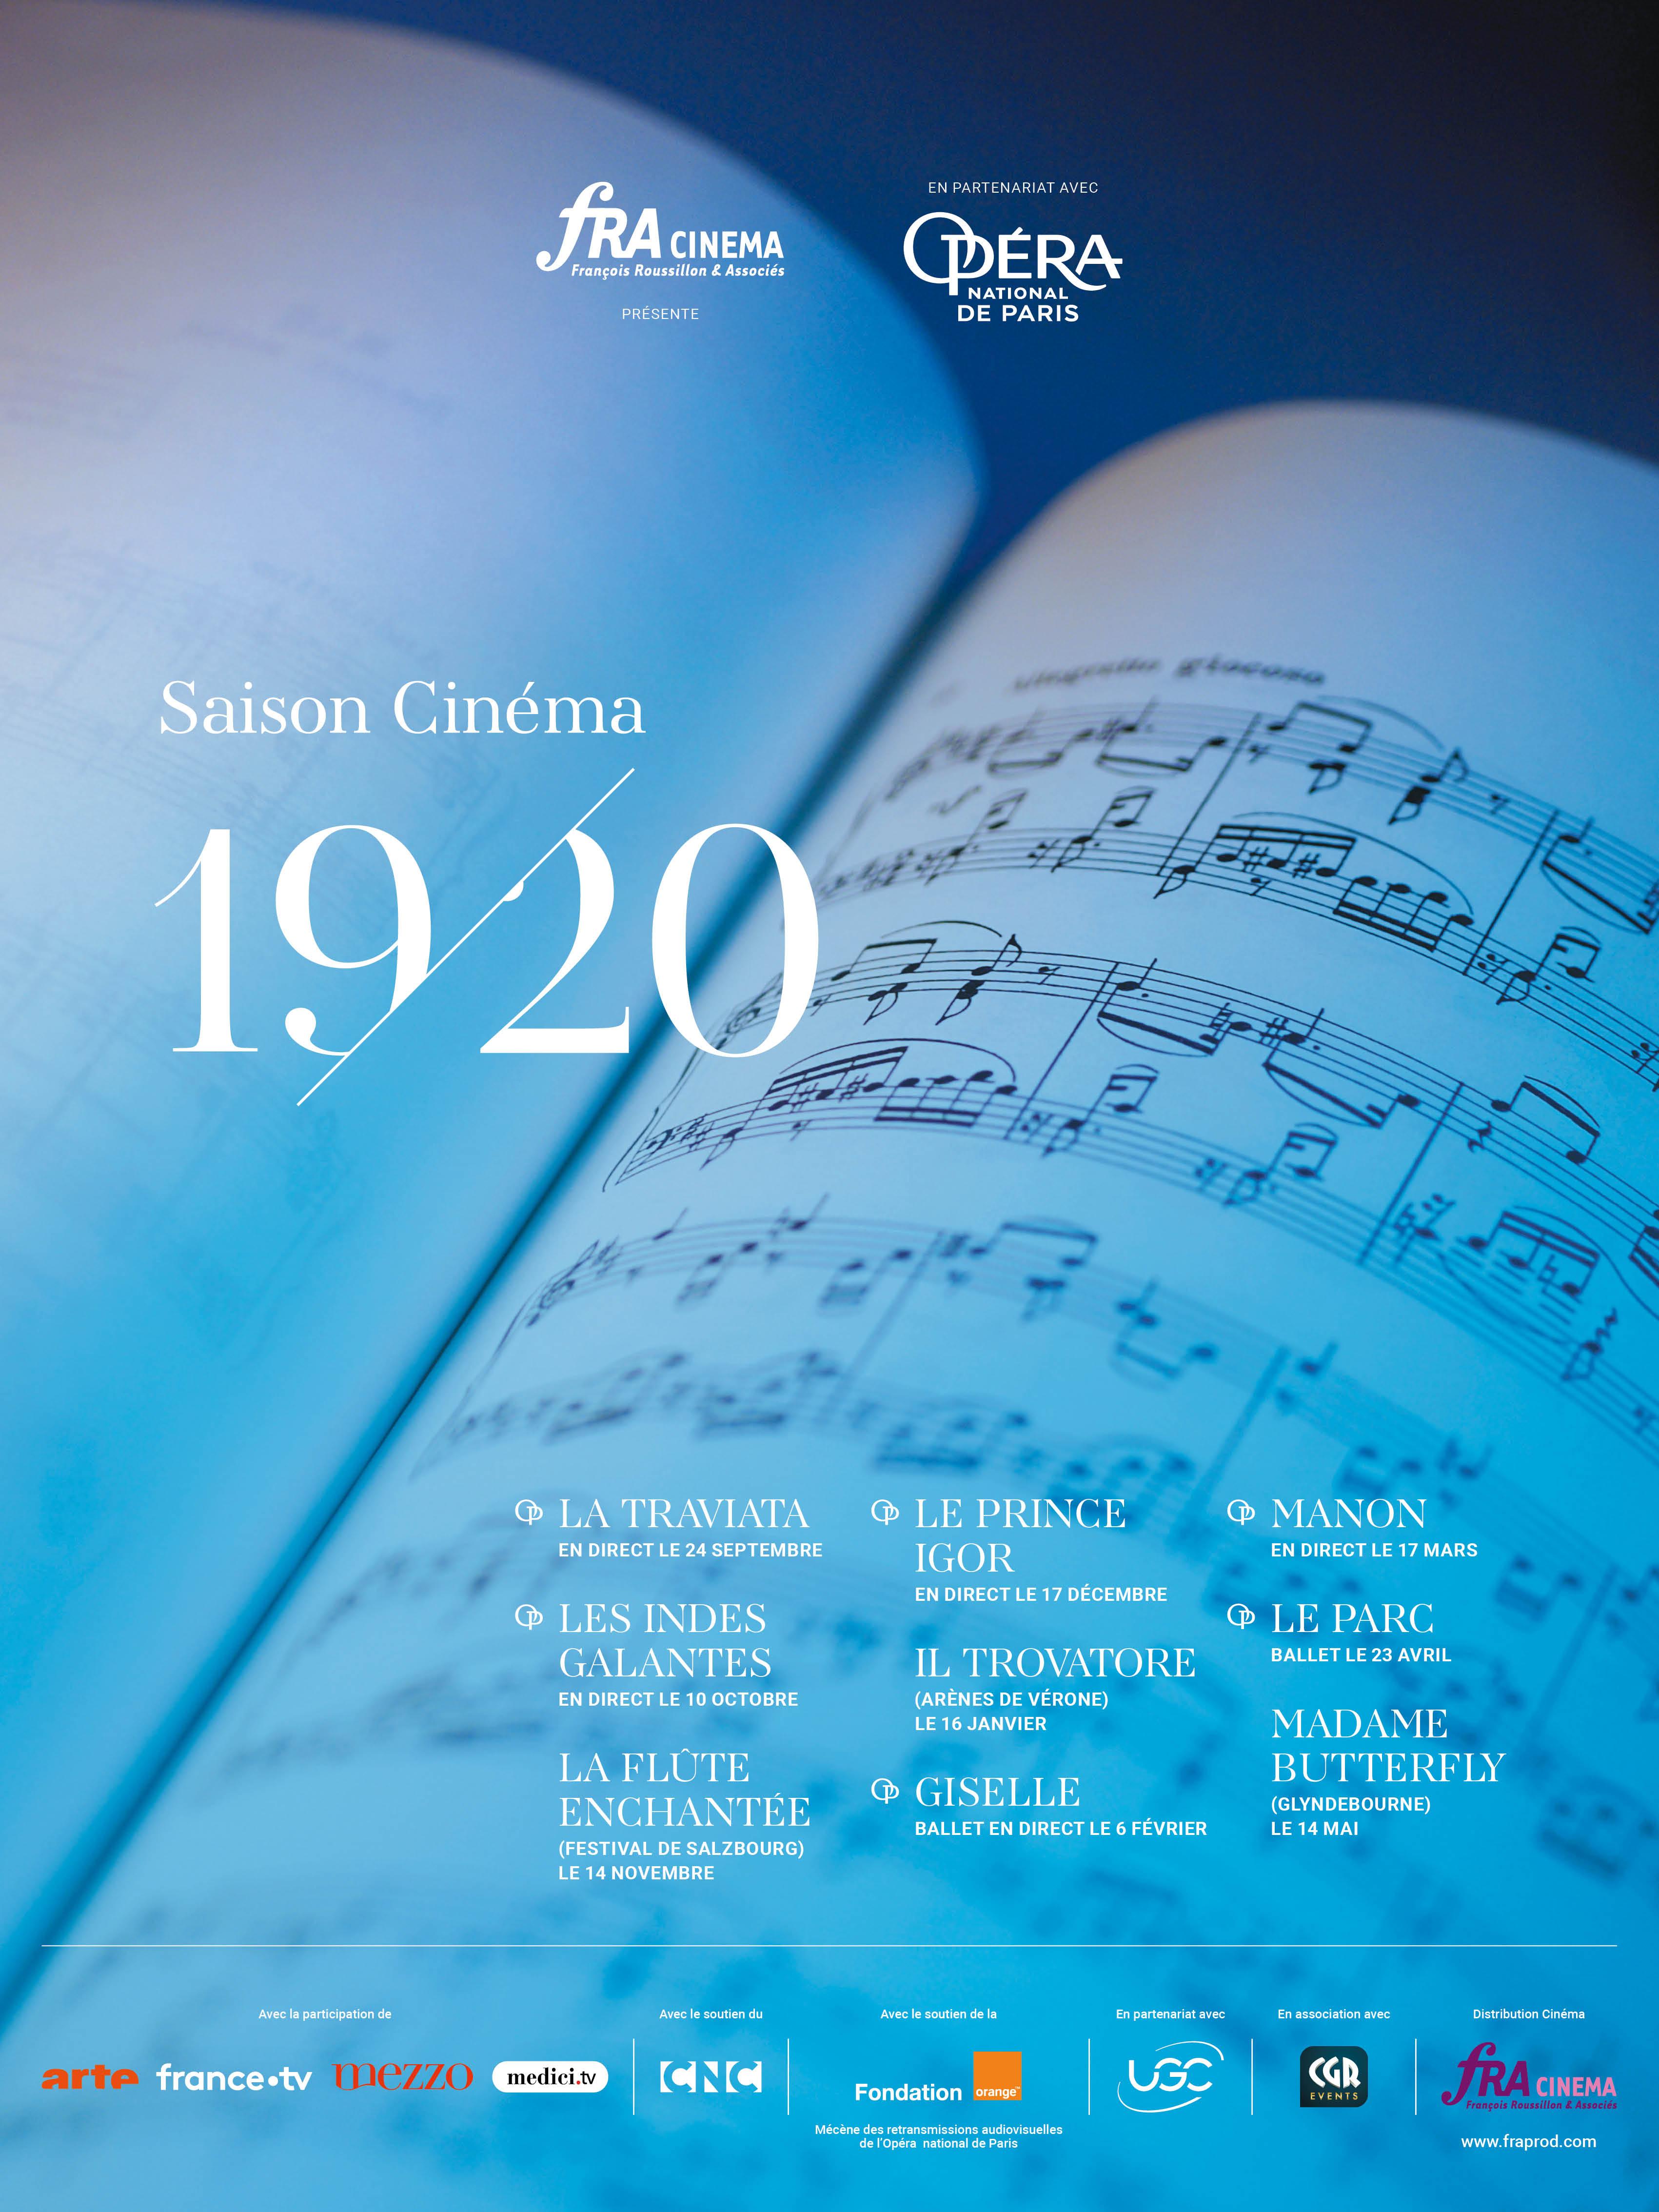 Image du film Le Parc (Opéra de Paris-FRA Cinéma)